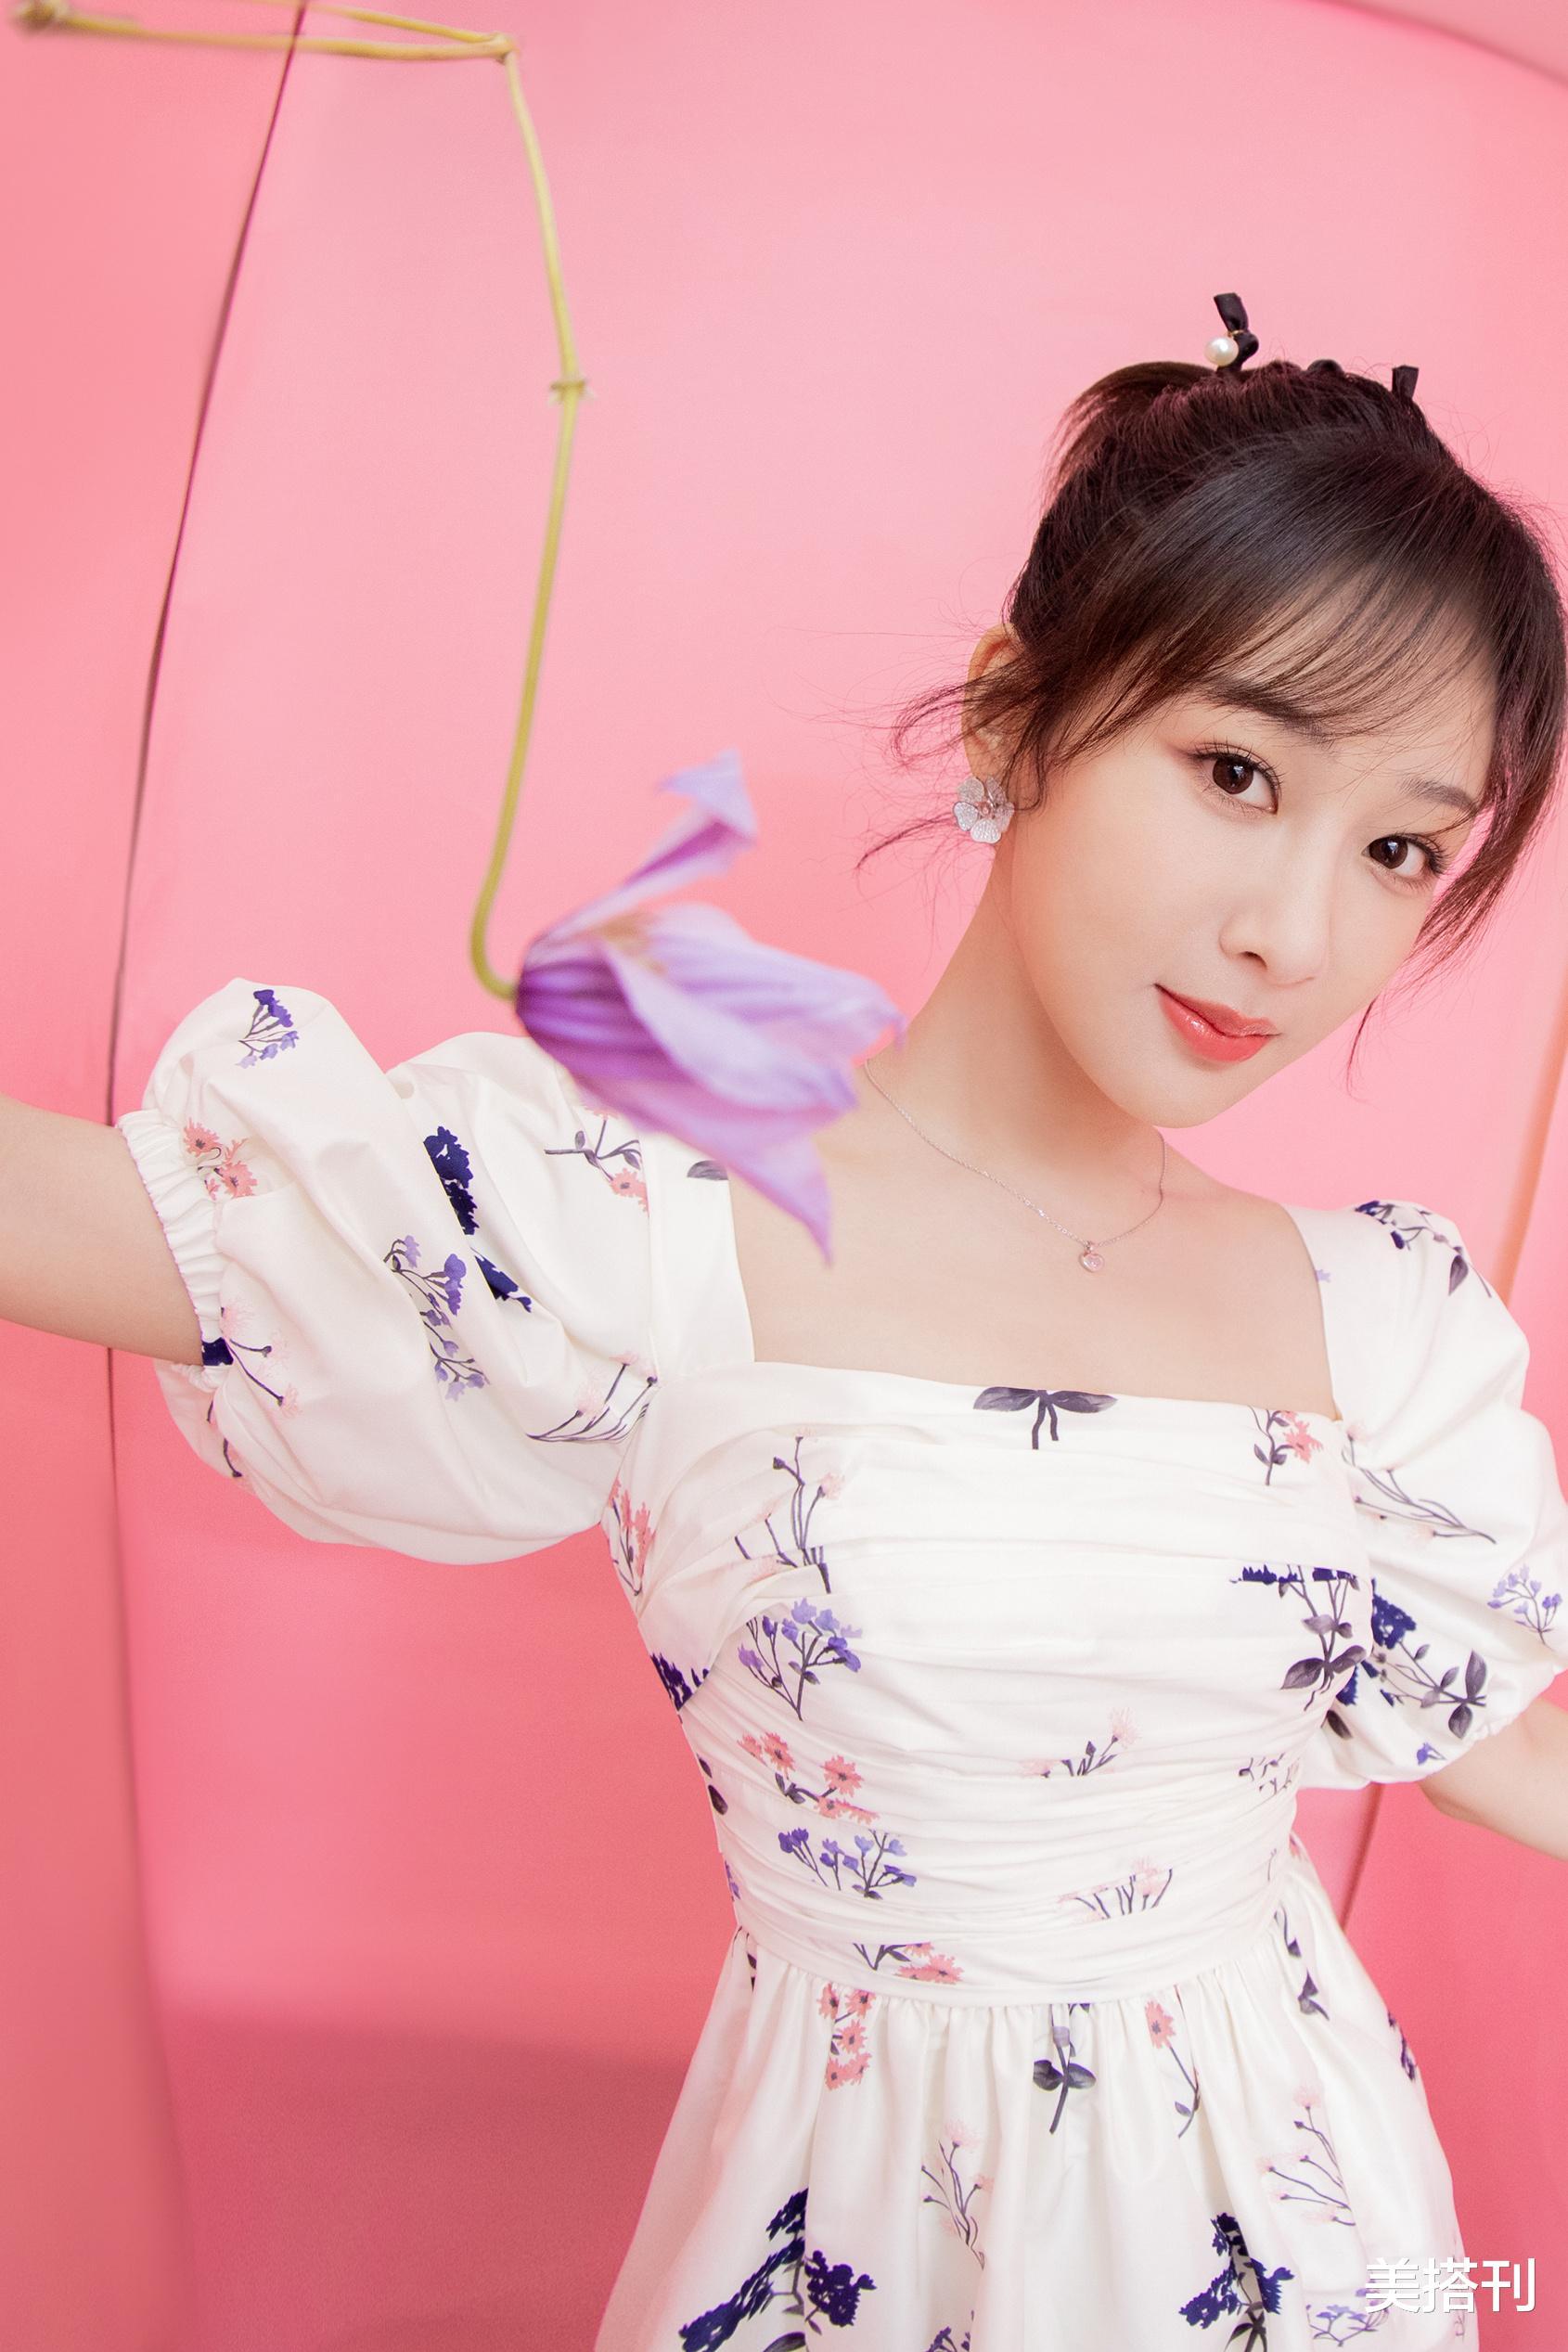 楊紫最新直播造型,一件藍白花色連衣裙活潑可愛,網友:一般好看-圖2